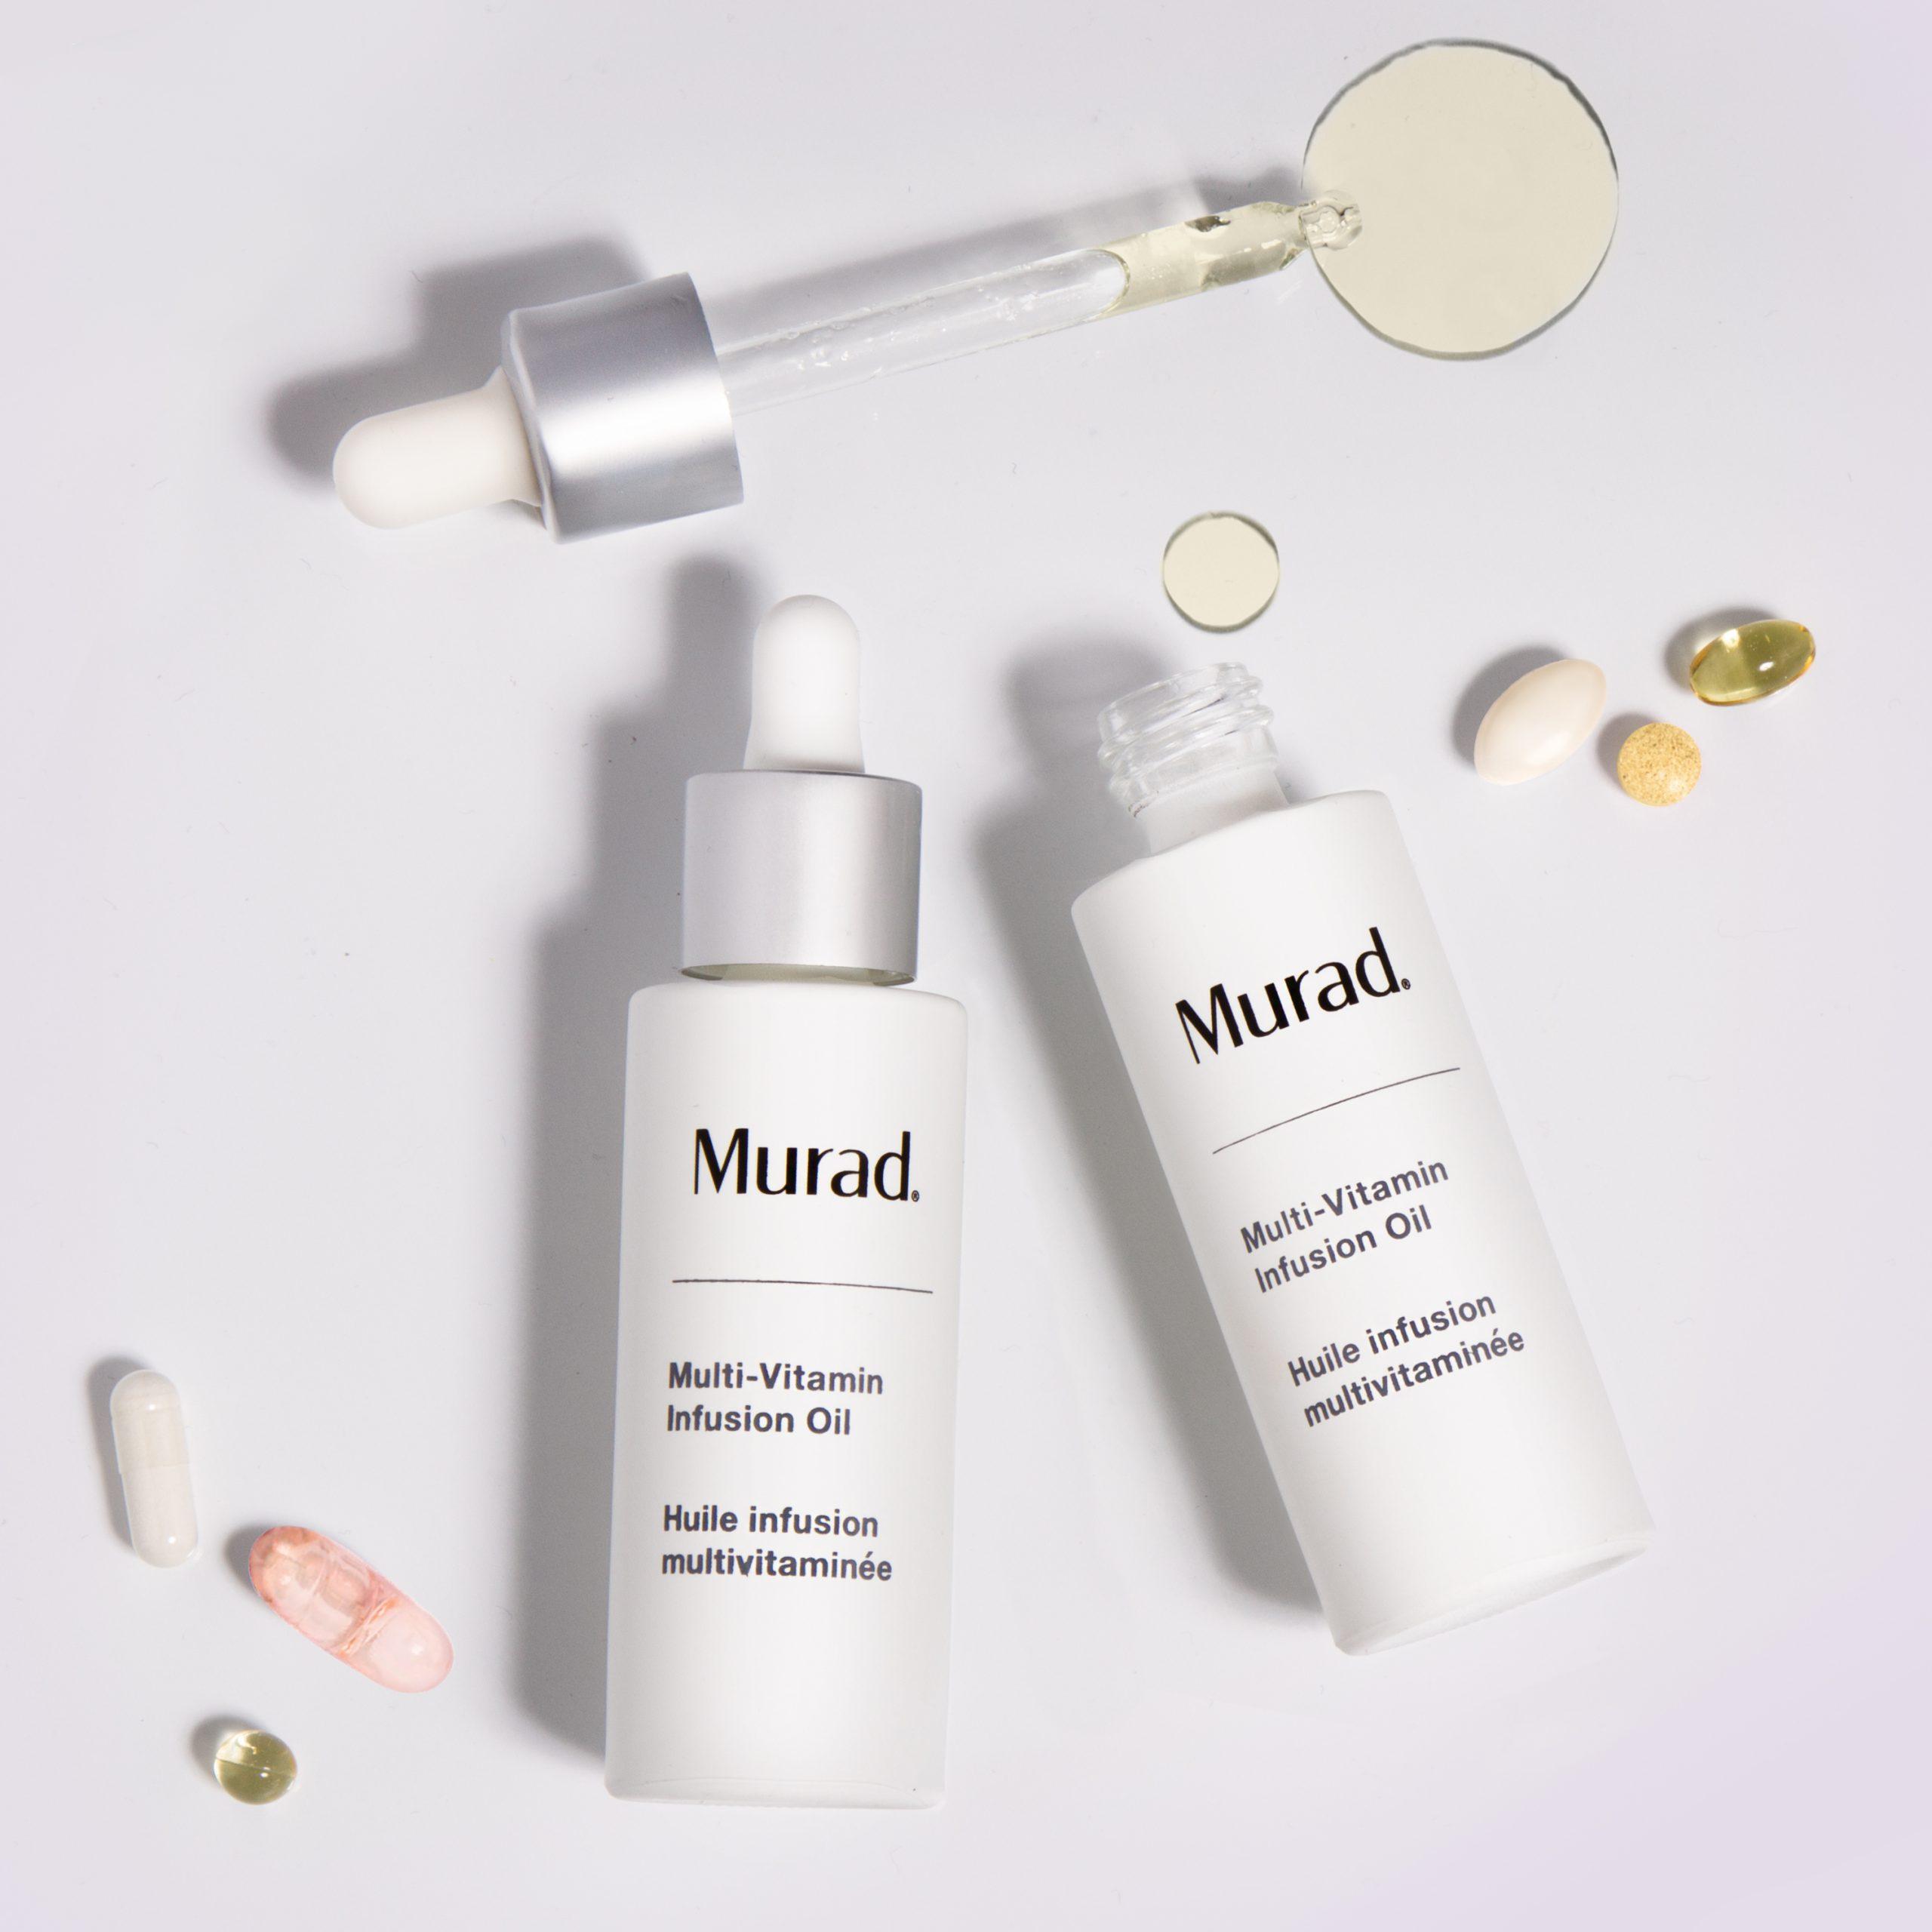 網購皇牌Murad護膚品低至HK$149+免費直運香港/澳門